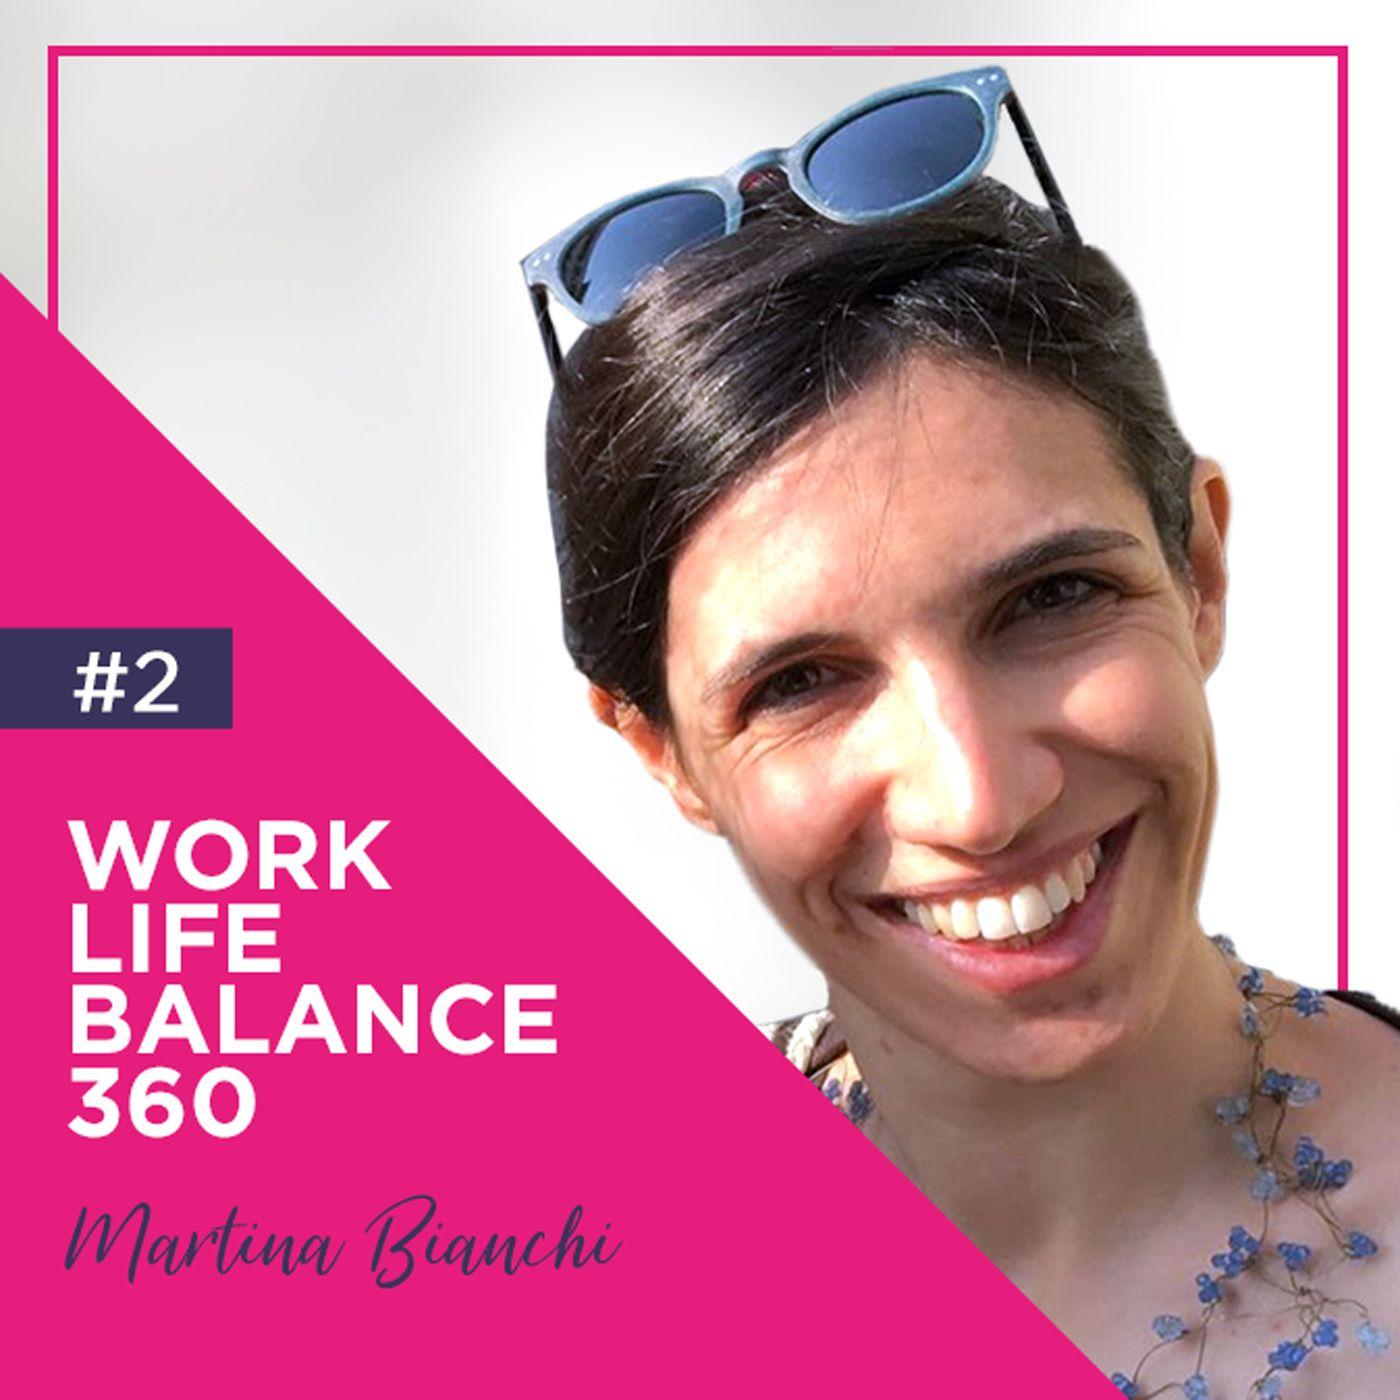 Work Life Balance 360 con Martina Bianchi